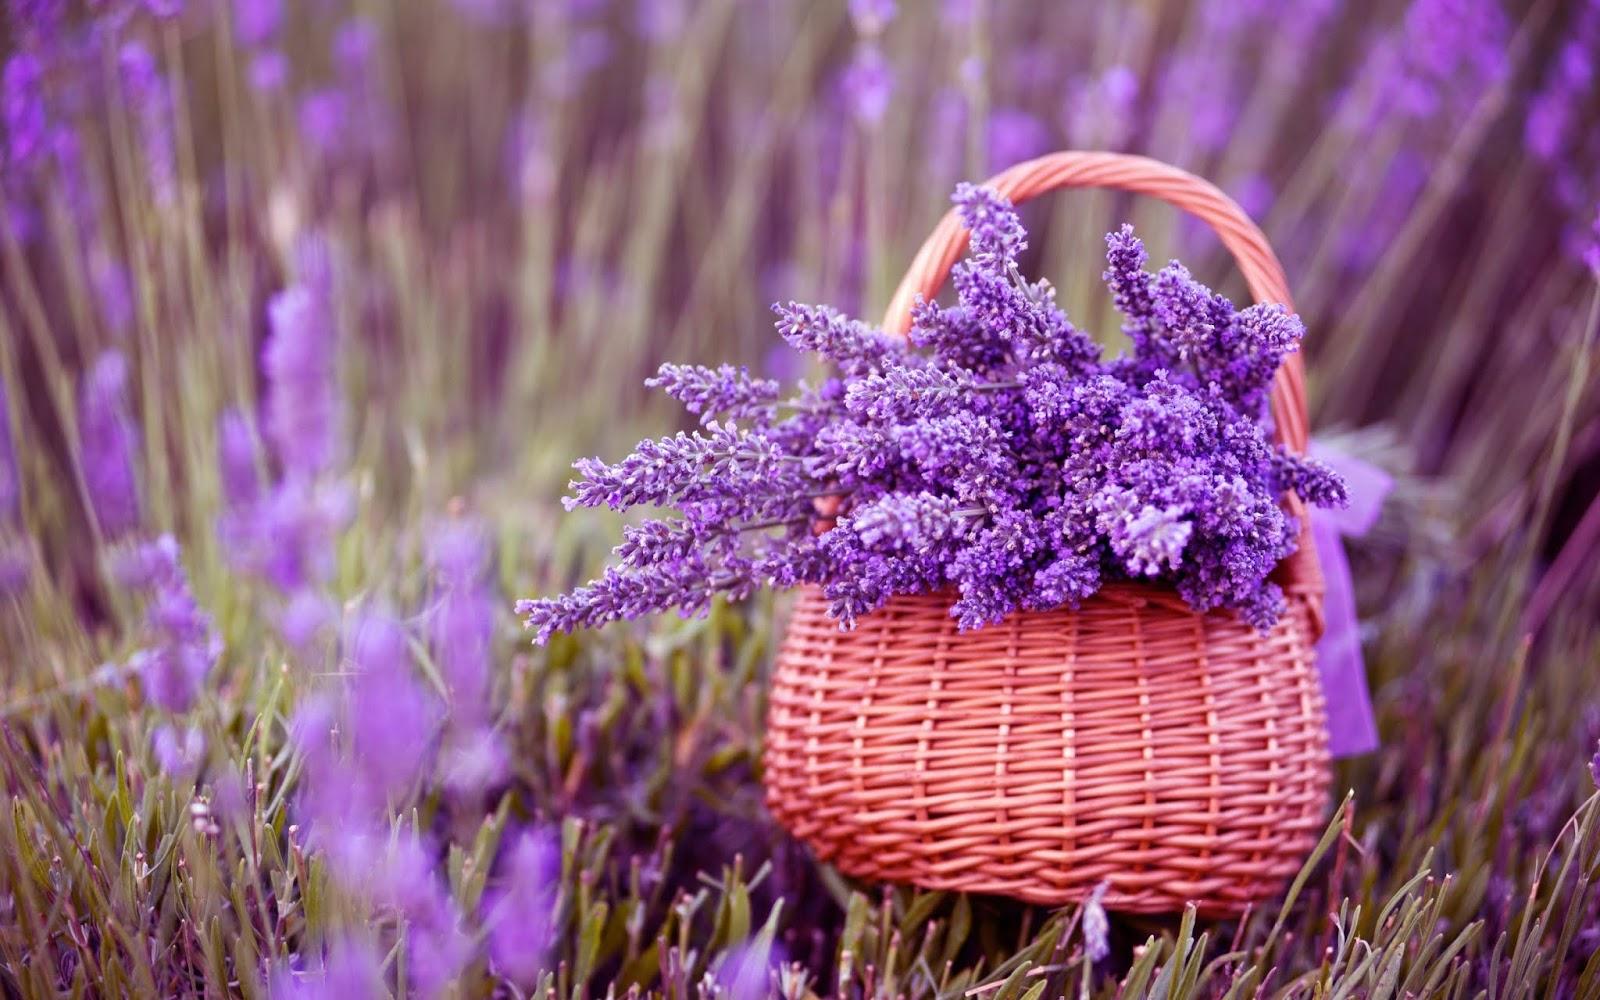 Hình nền giỏ hoa đẹp